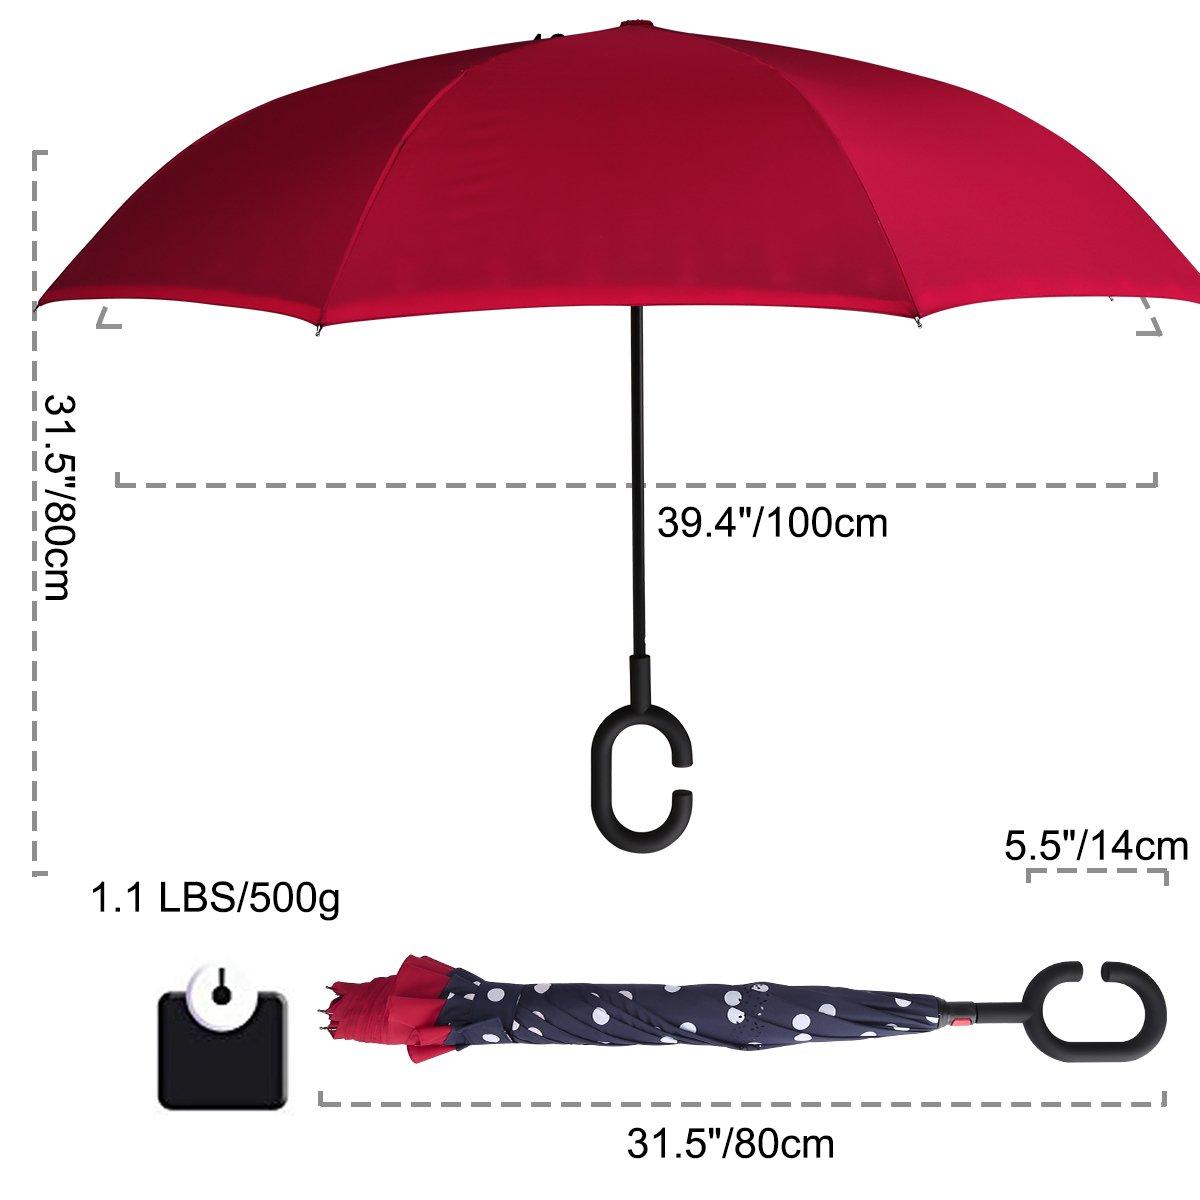 Amazon.com: G4Free - Paraguas de doble capa invertido para ...